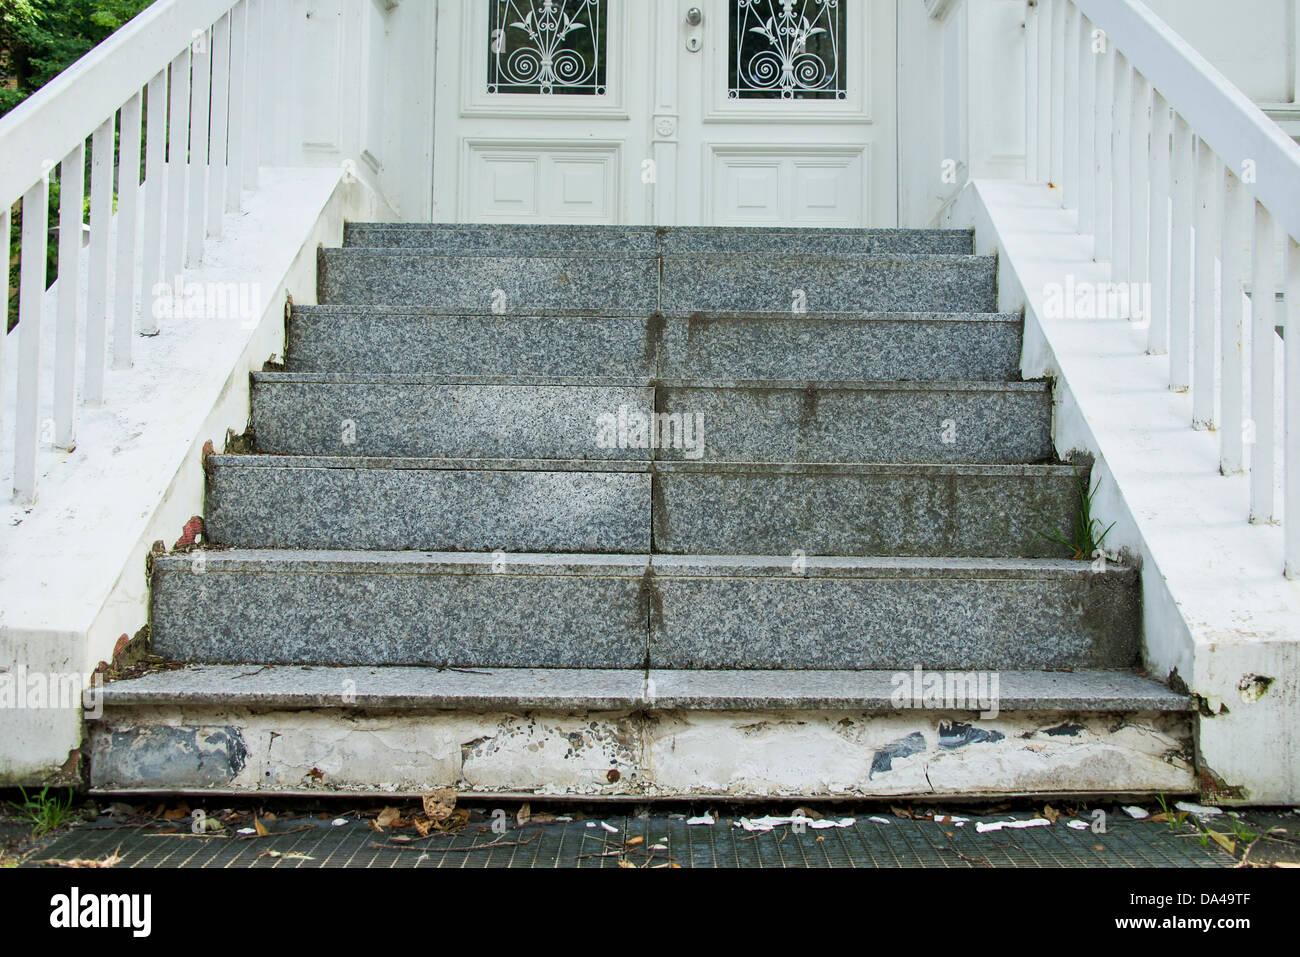 damaged stairway to door - Stock Image